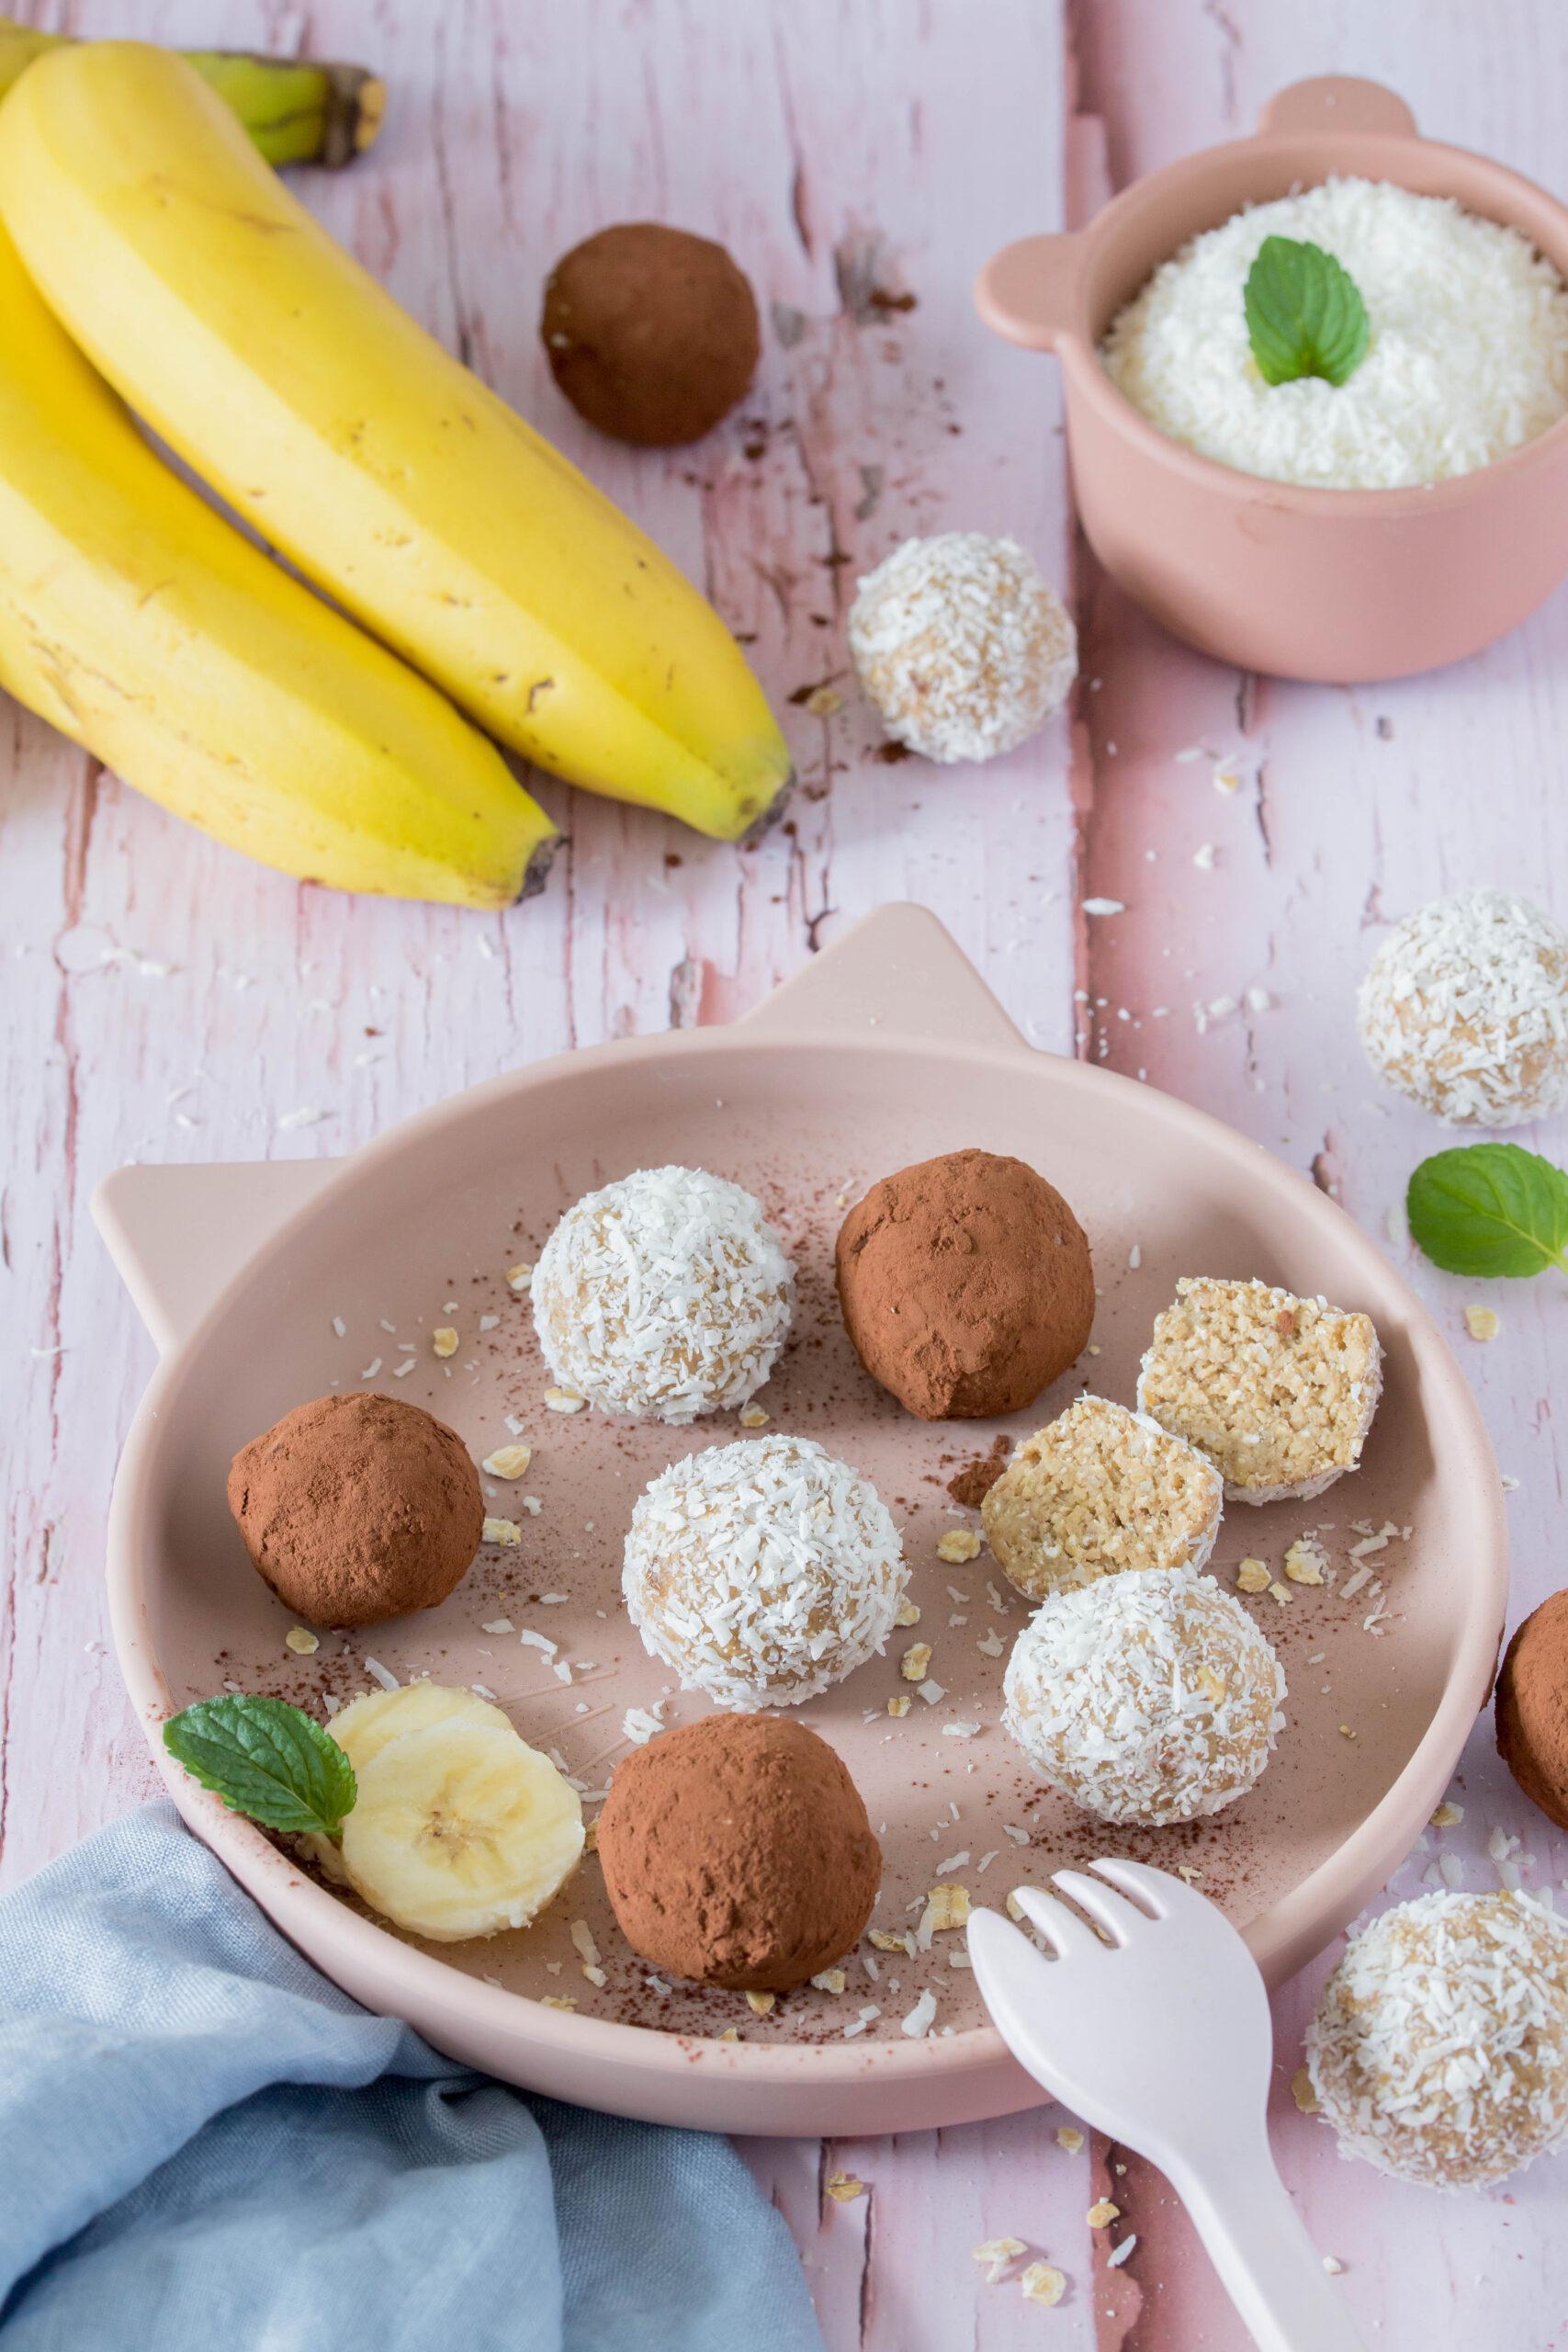 Bananen Energiebällchen - leckerer, gesunder Snack für Kinder. Schnell und einfach zubereitet.